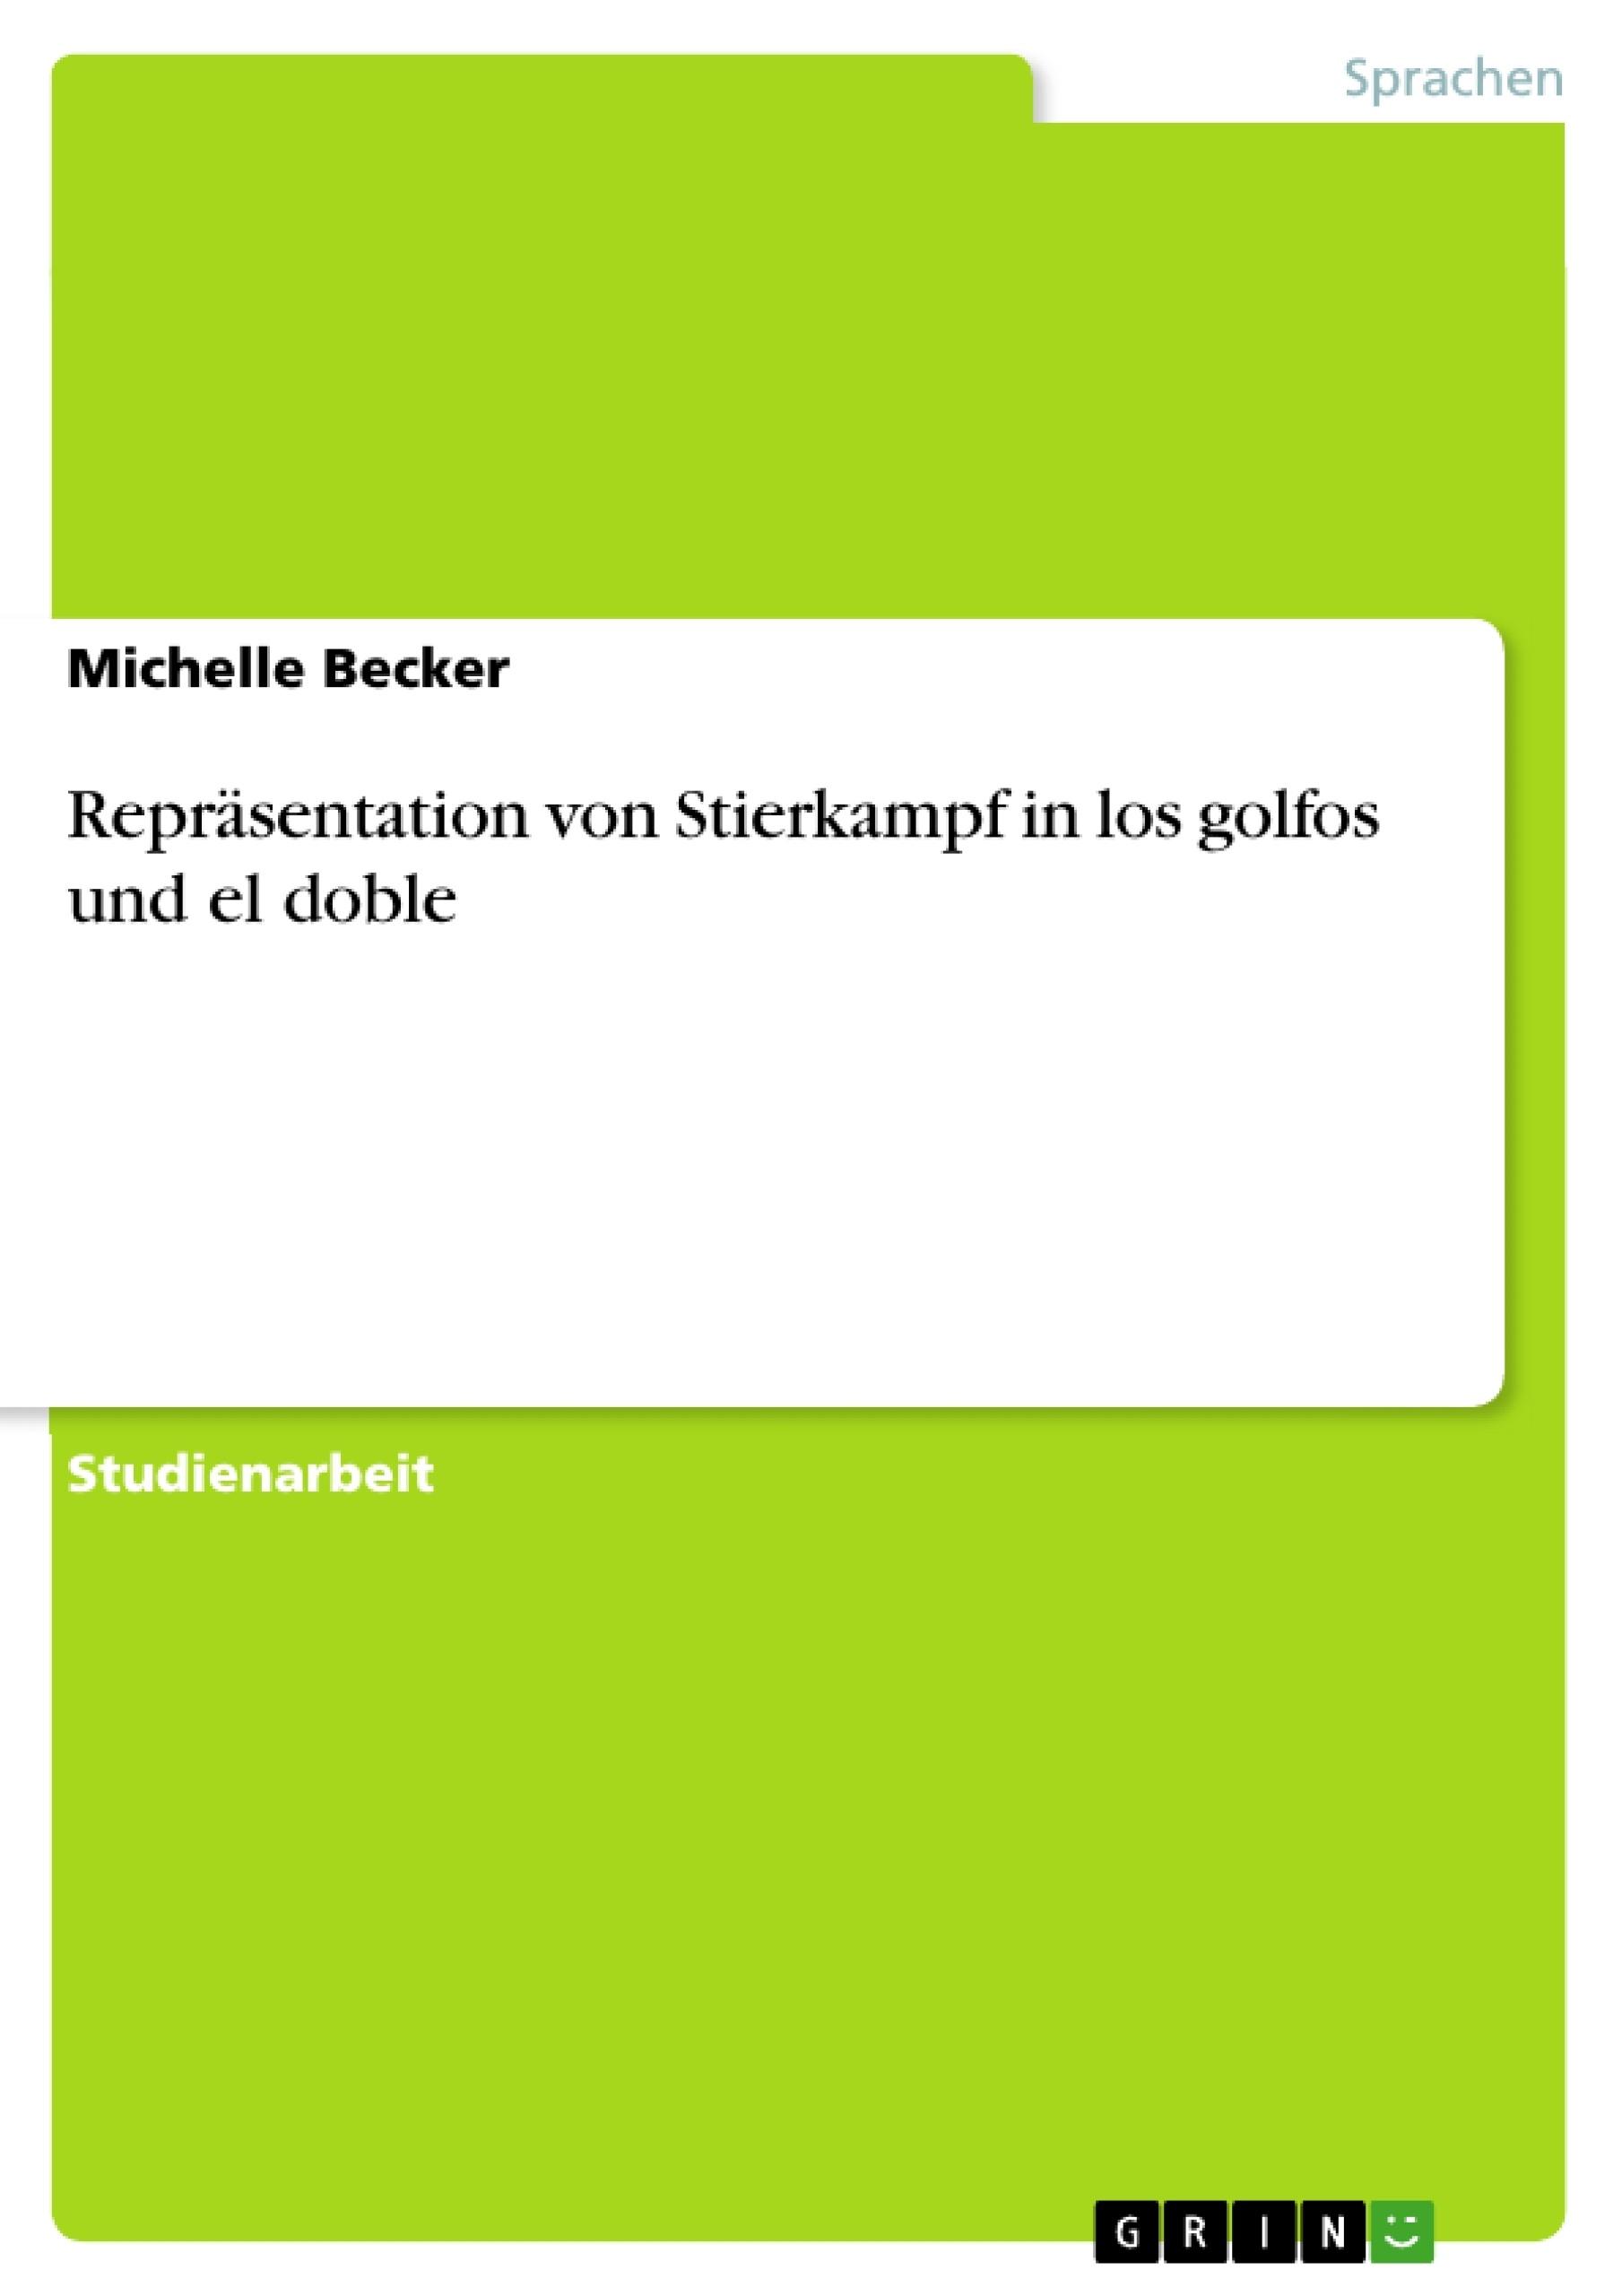 Titel: Repräsentation von Stierkampf in los golfos und el doble